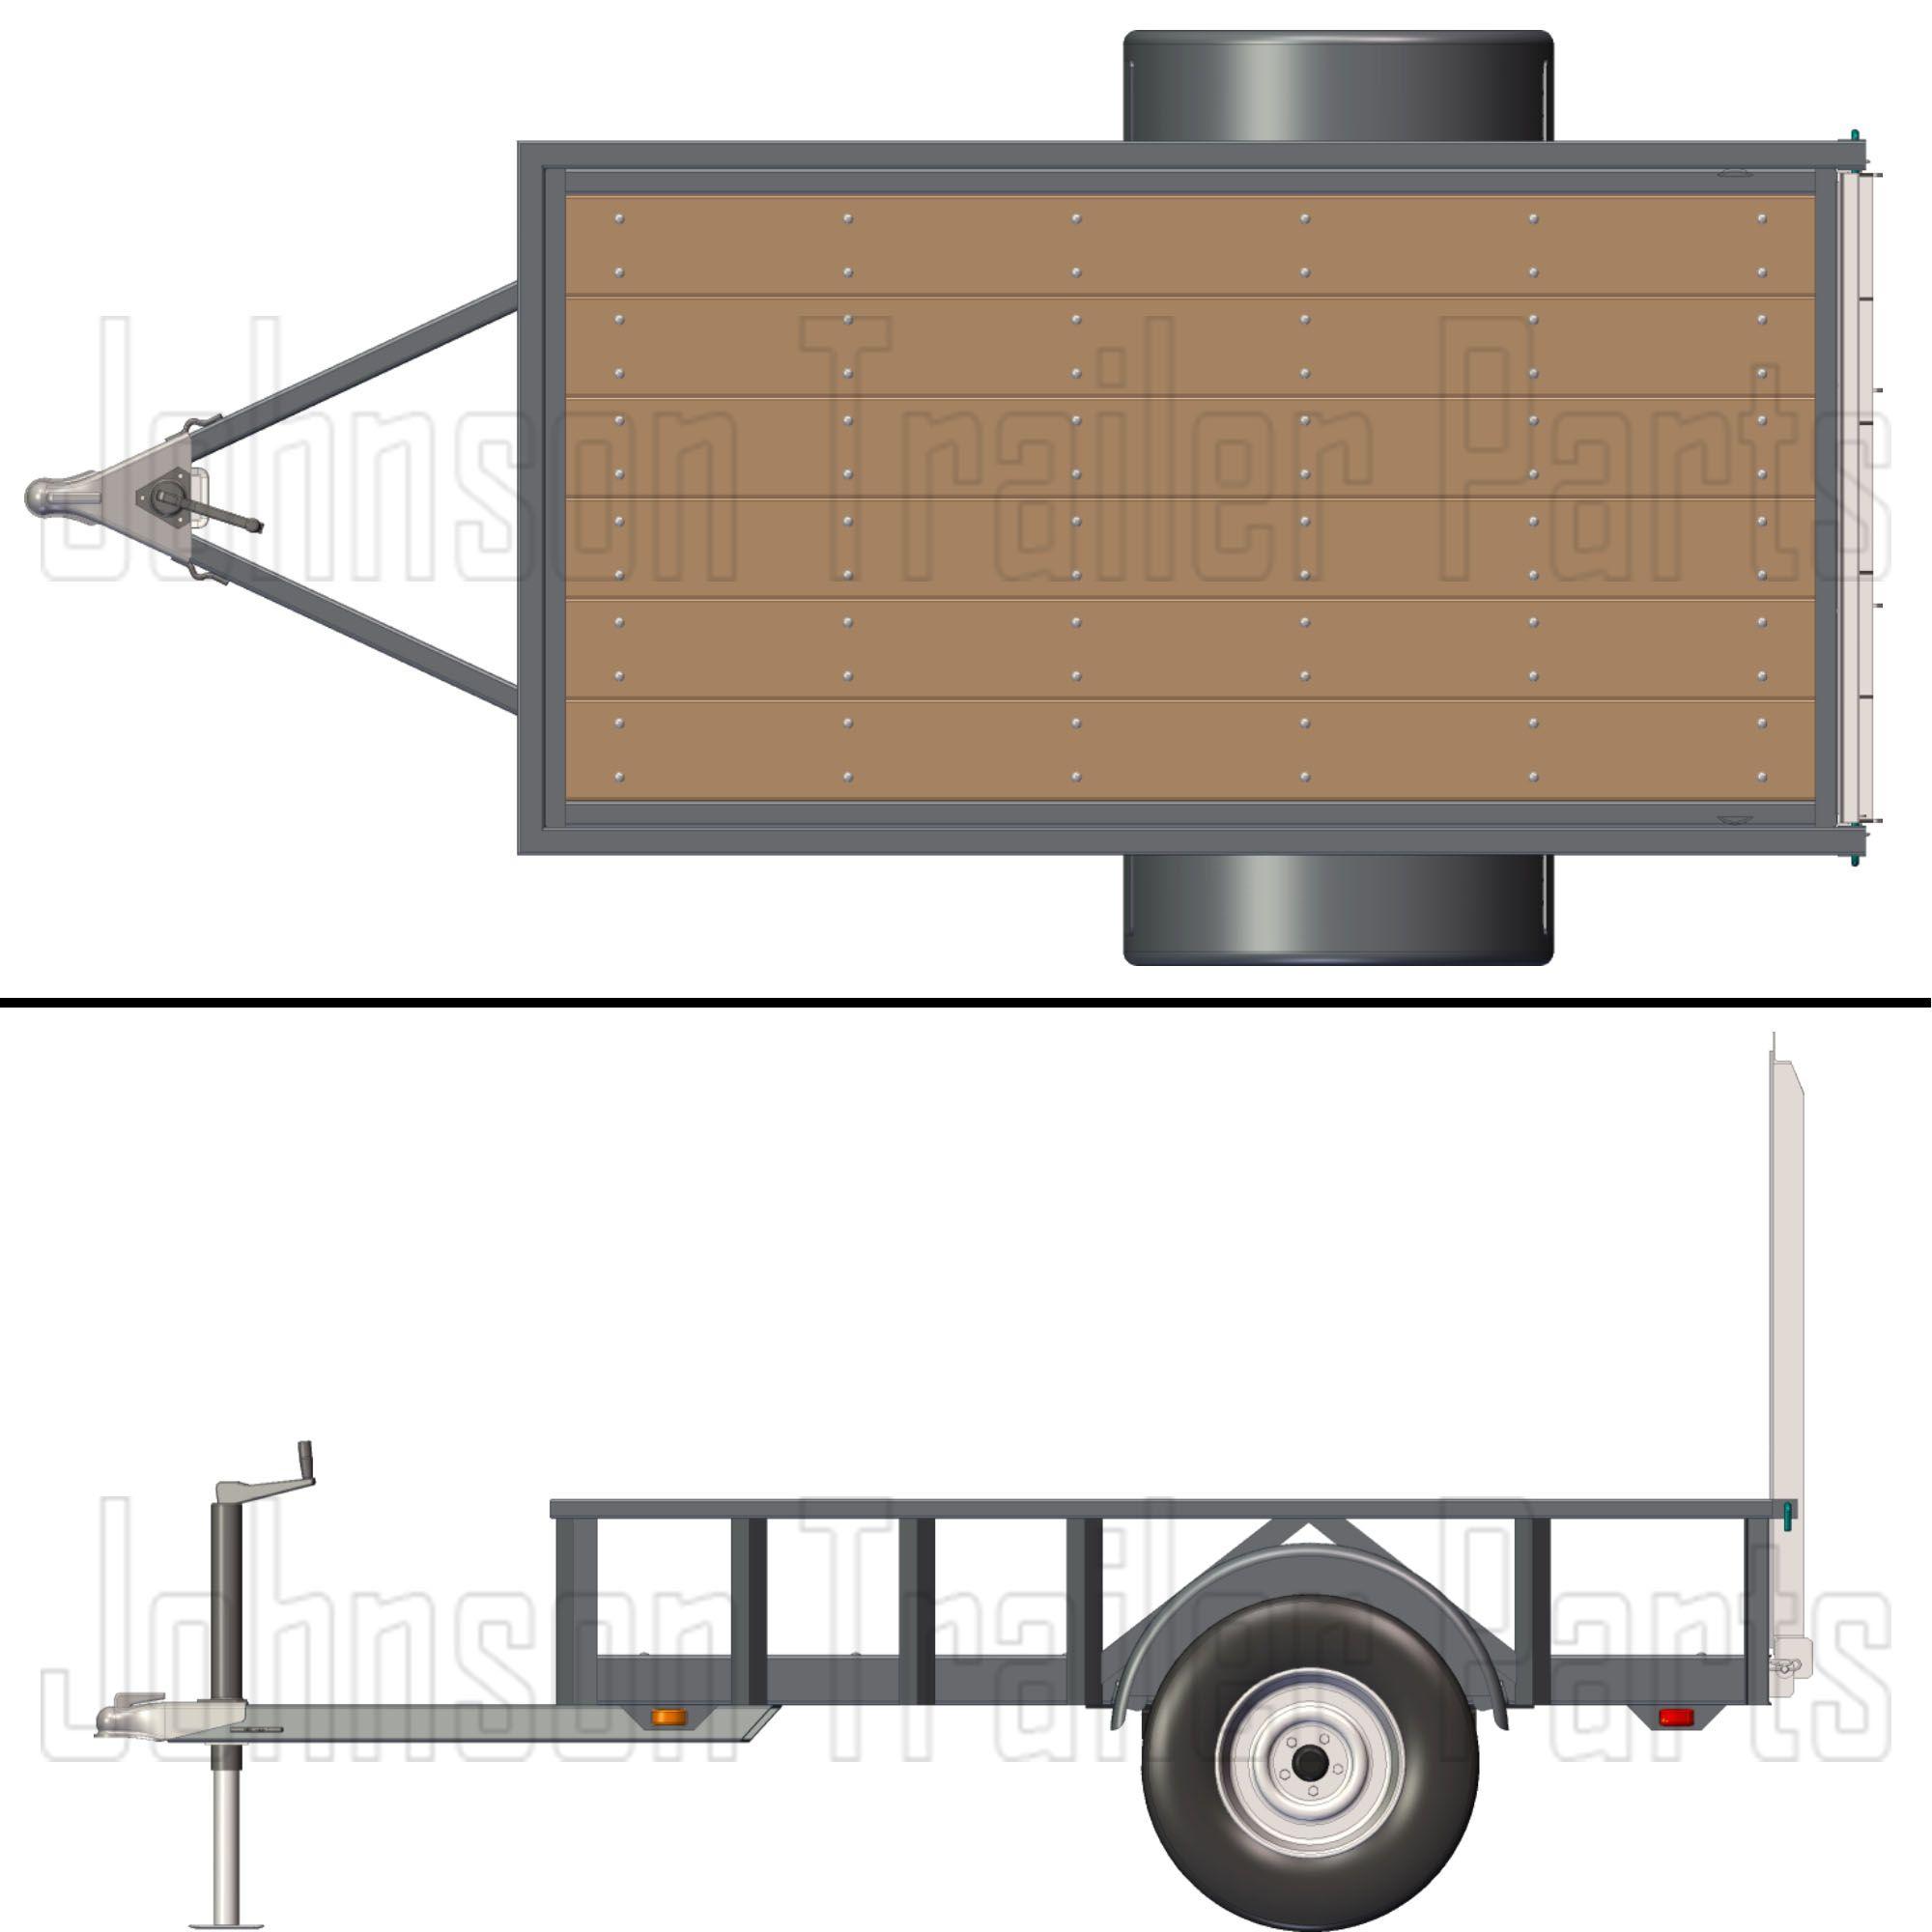 4 X 8 Utility Trailer Plans Blueprints 3 500 Lb Capacity Trailer Plans Utility Trailer Trailer